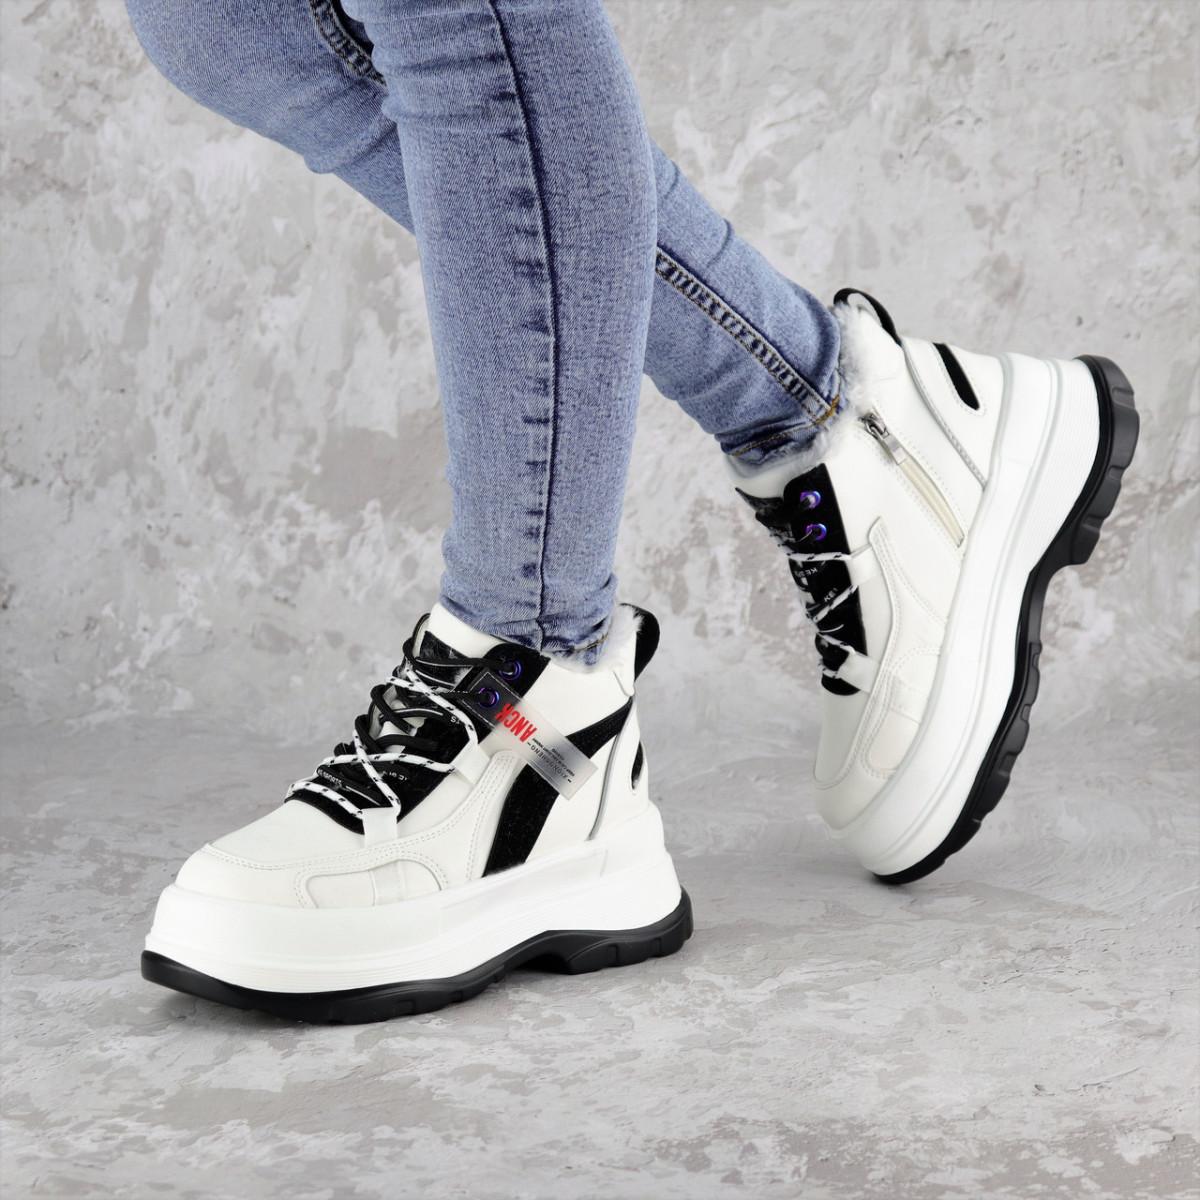 Кроссовки женские зимние белые Donno 2303 (36 размер)